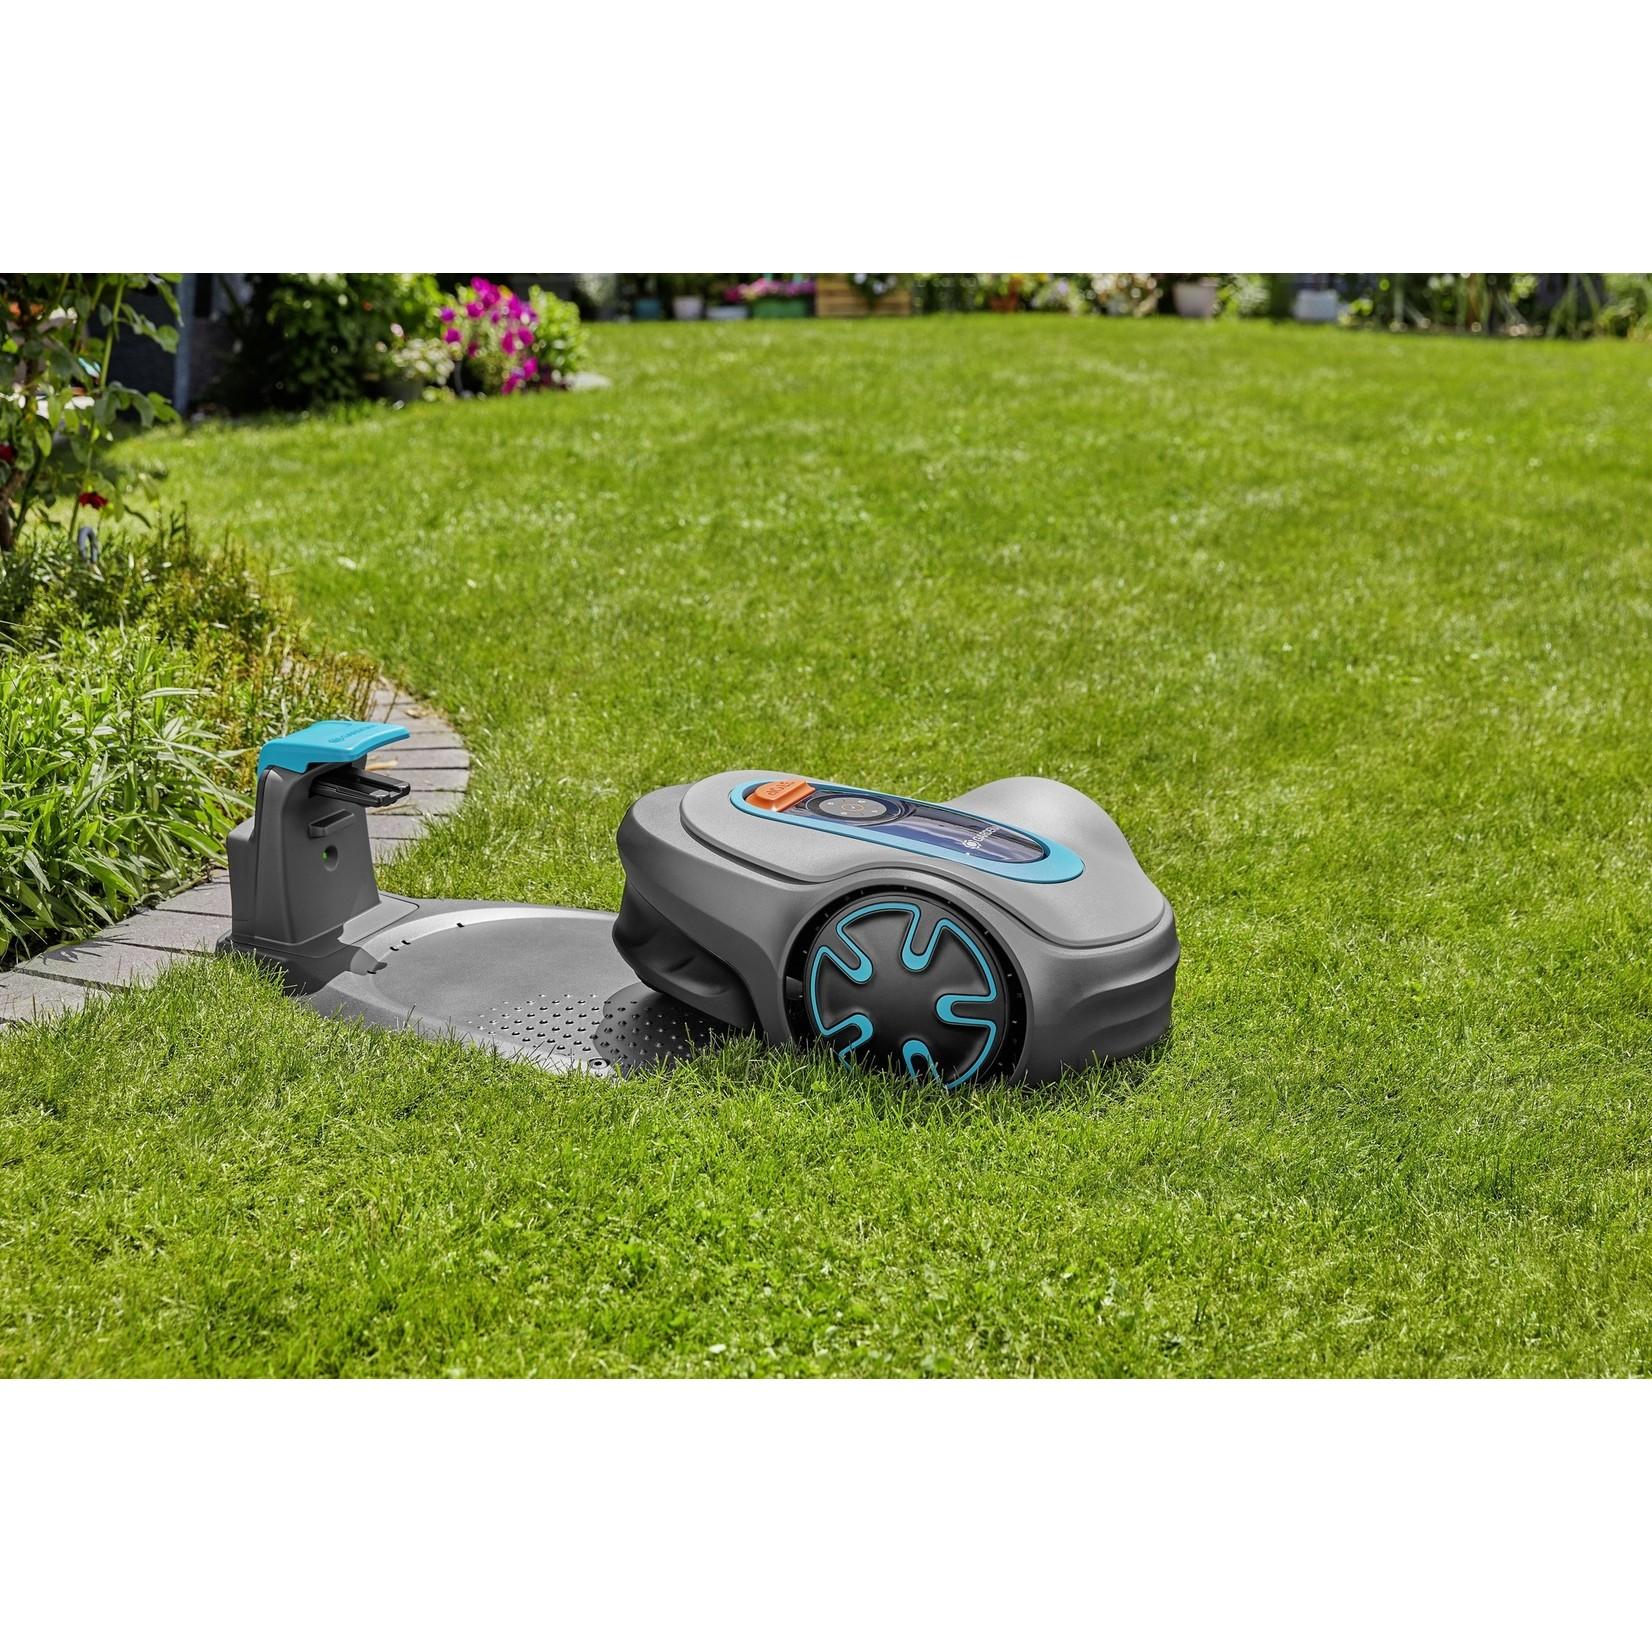 Gardena Gardena Sileno Minimo 250 Robotmaaier